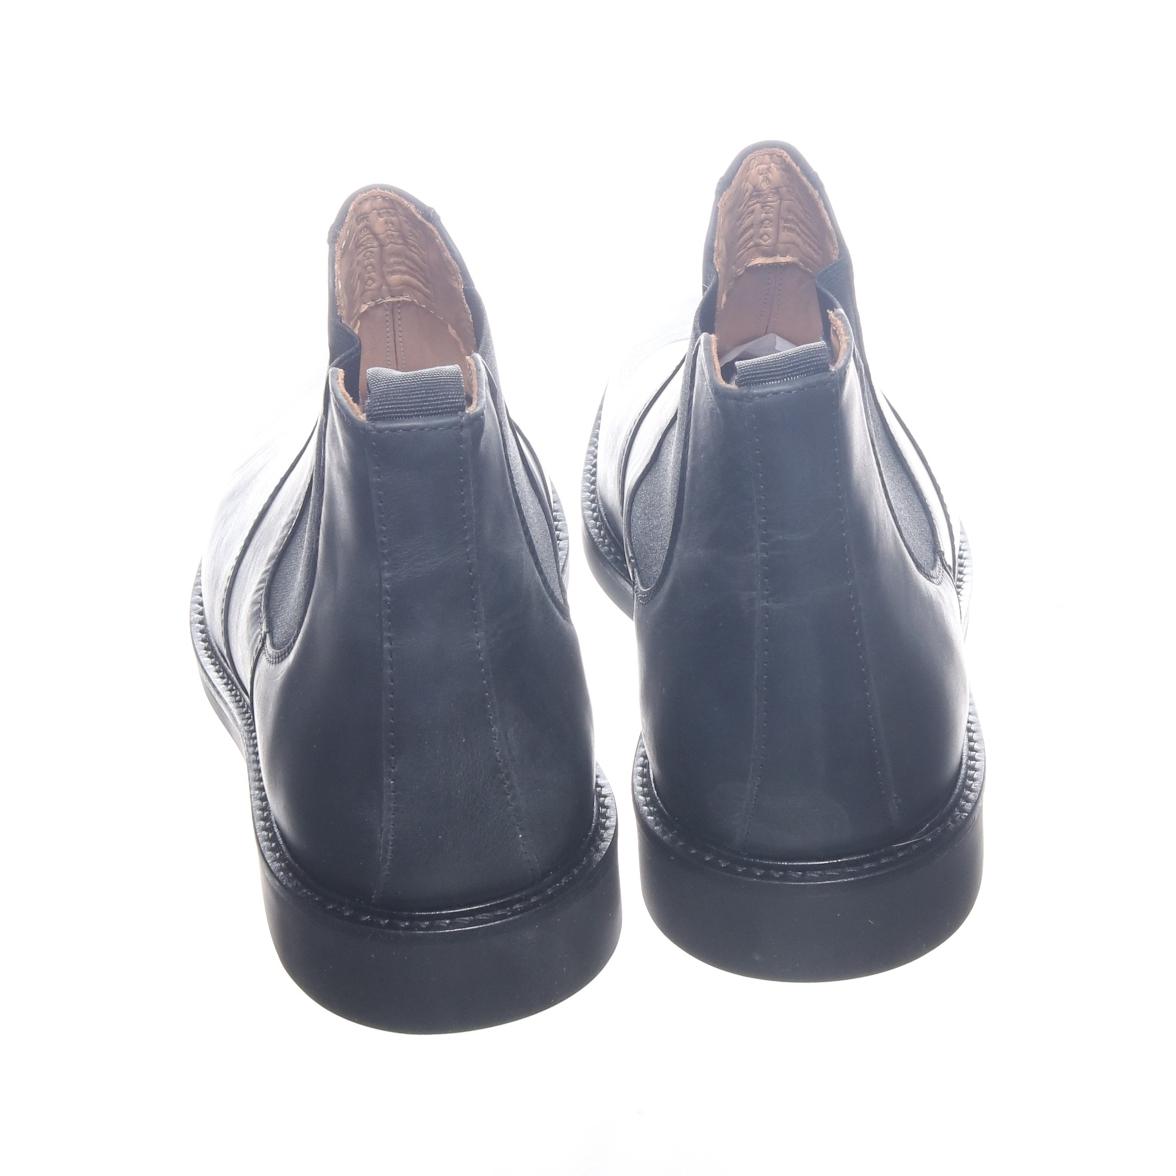 Gant, Boots, Strl: 44, Spencer, Svart, Skinn | Upp till 70